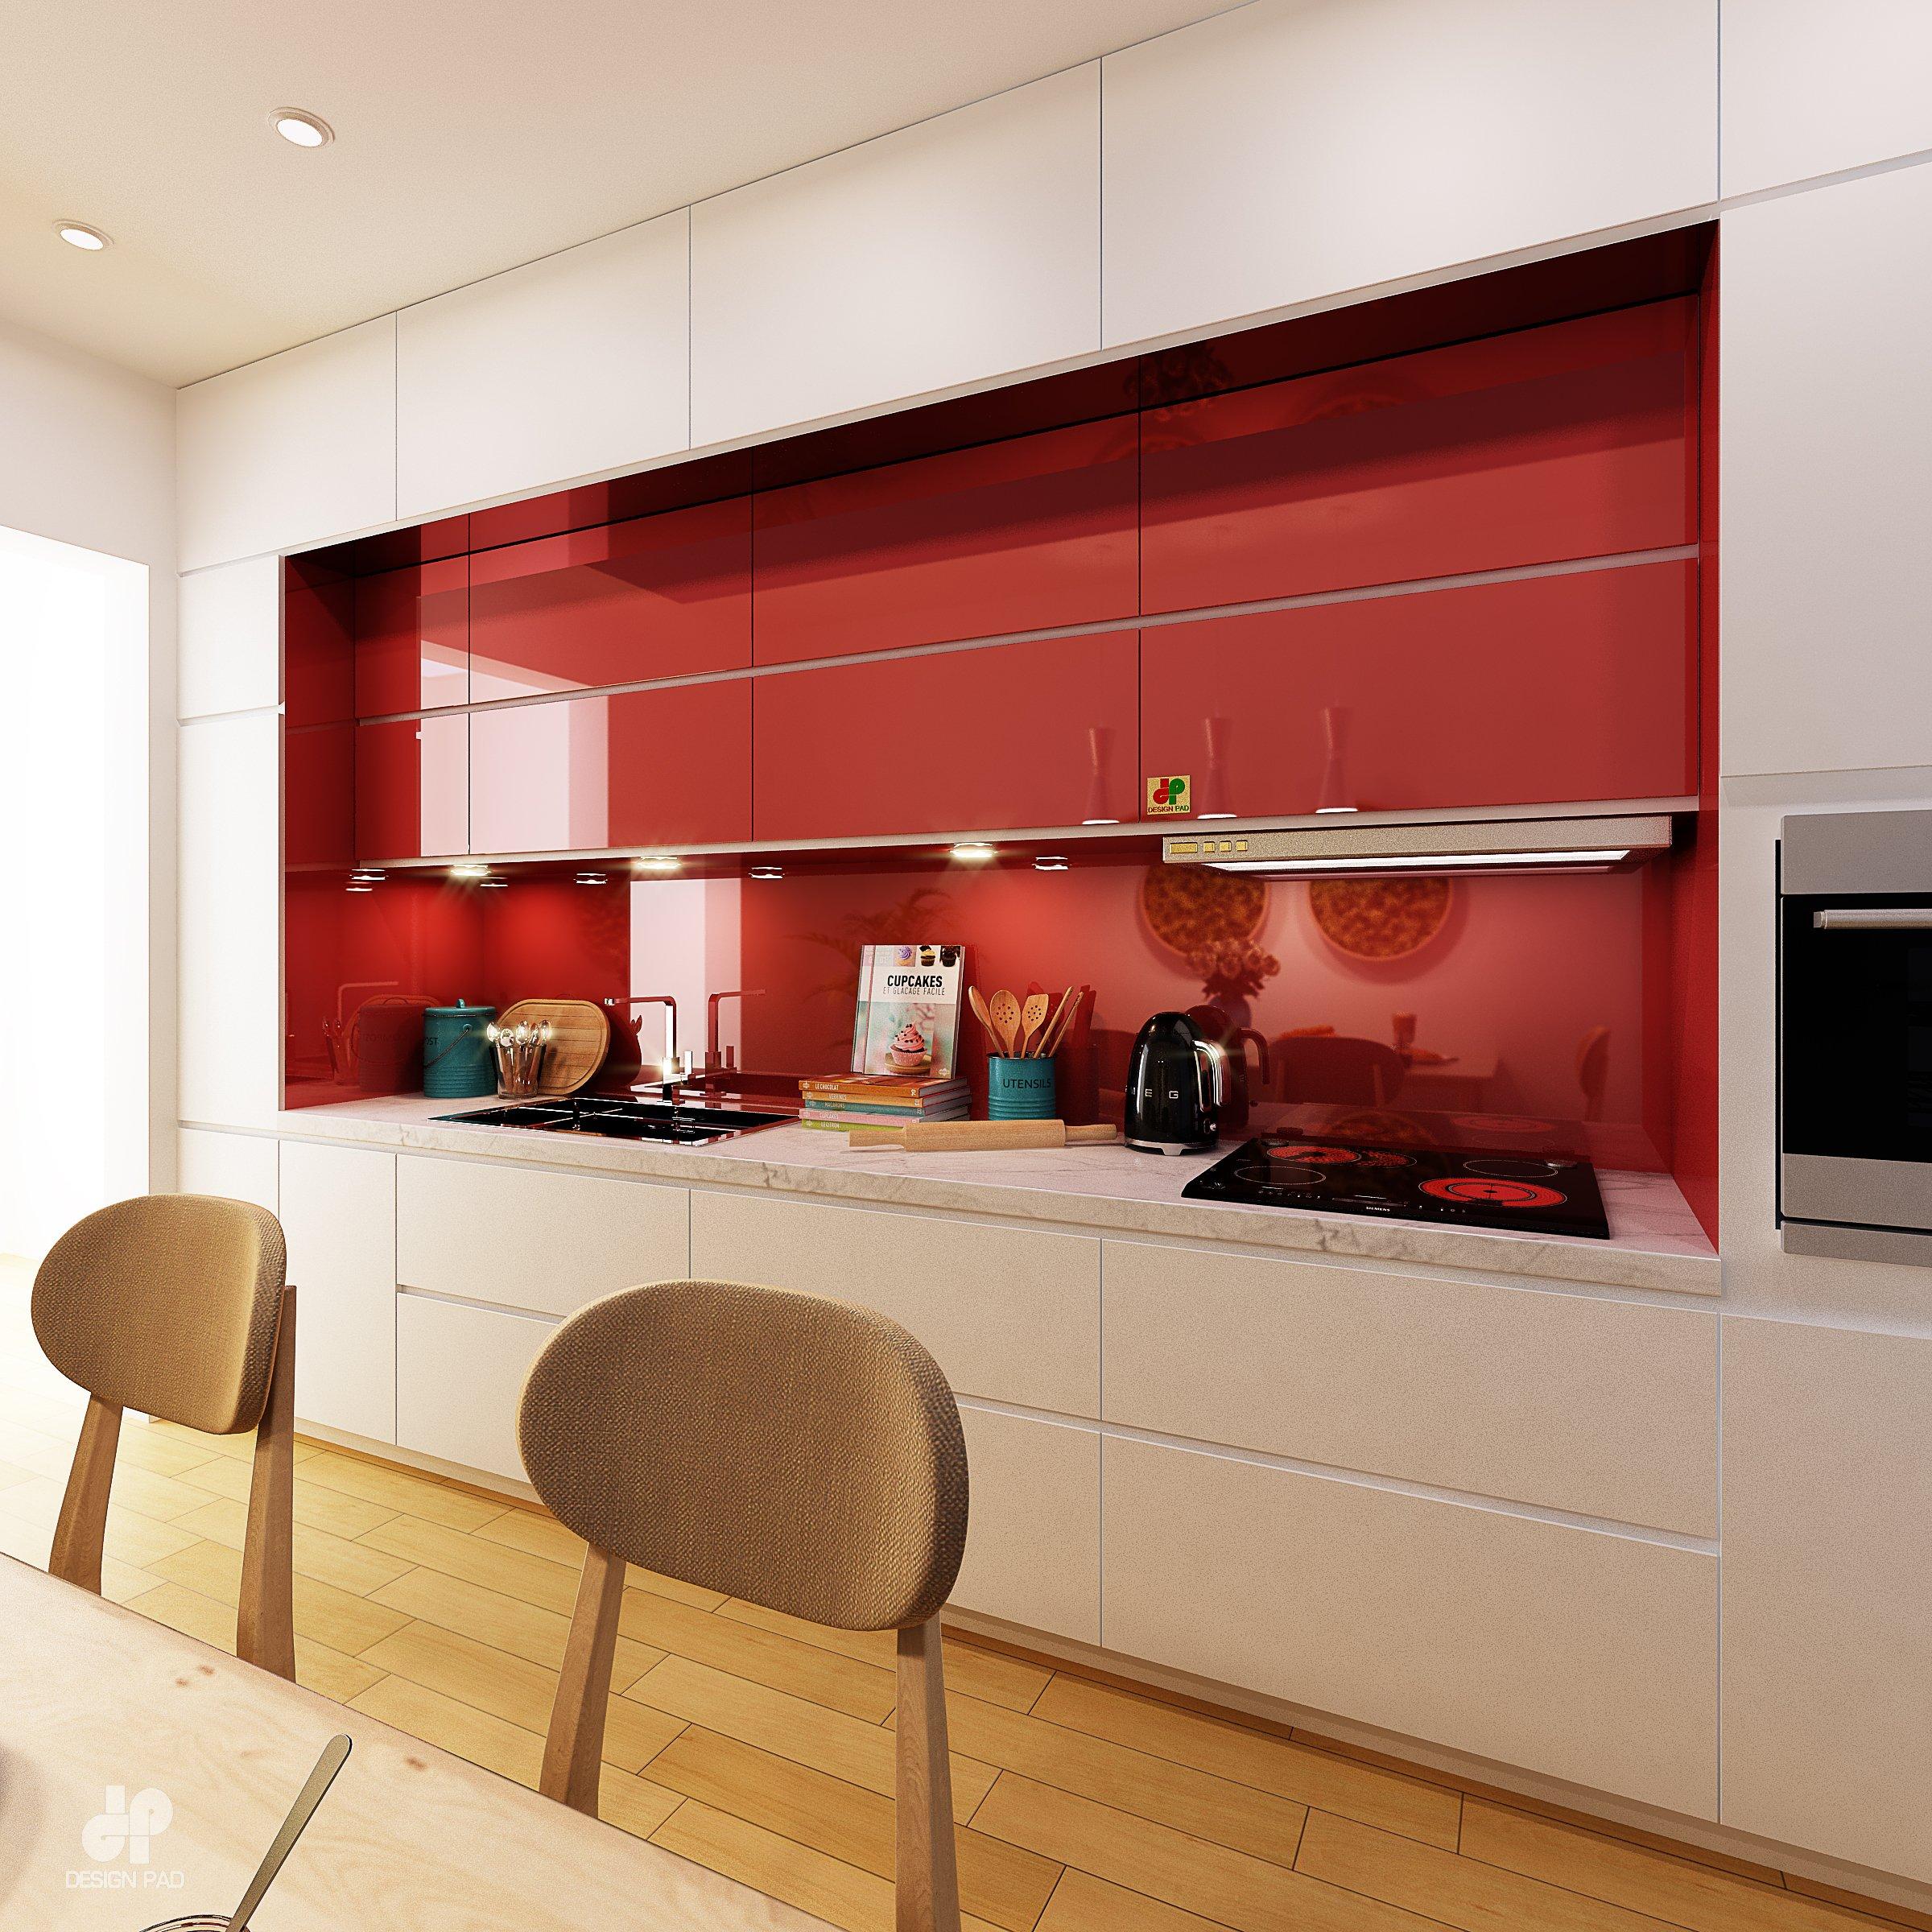 Thiết kế nội thất Nhà tại Hồ Chí Minh KITCHEN_ROOM 1630659228 0